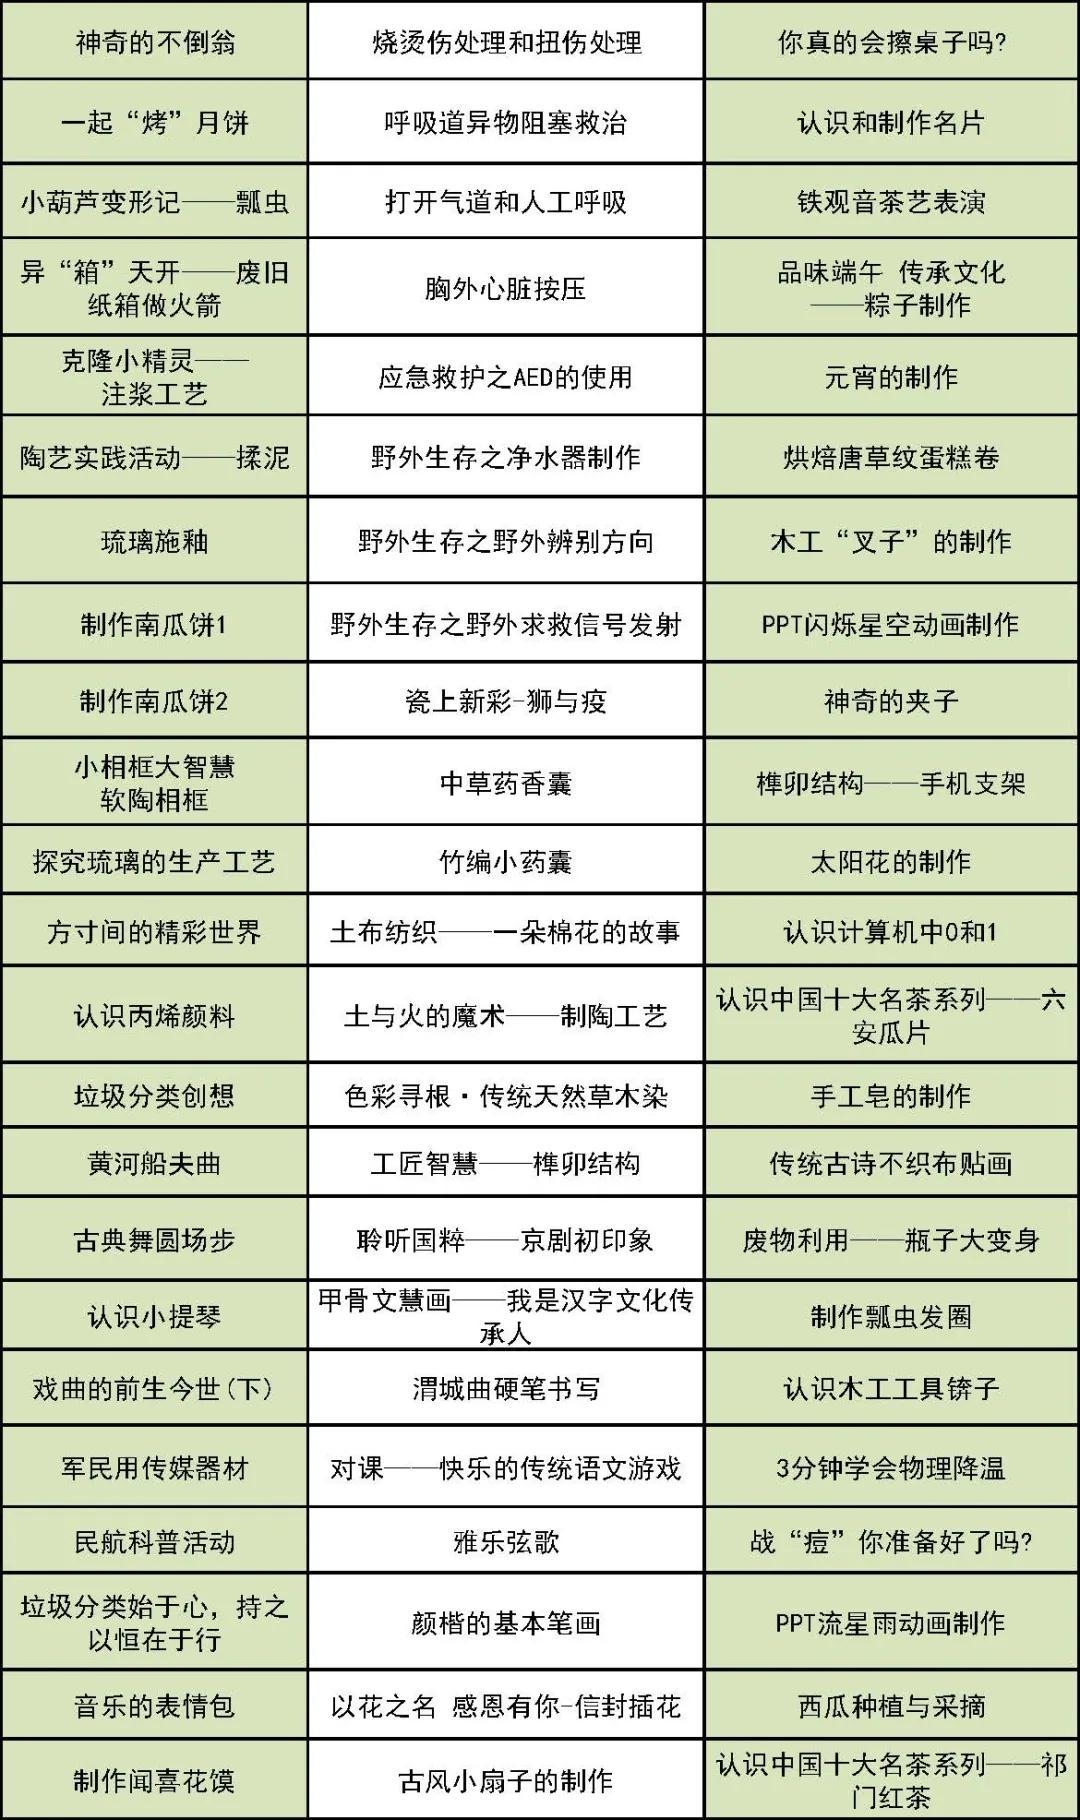 [赢咖3官网登录]85项线上社会赢咖3官网登录图片